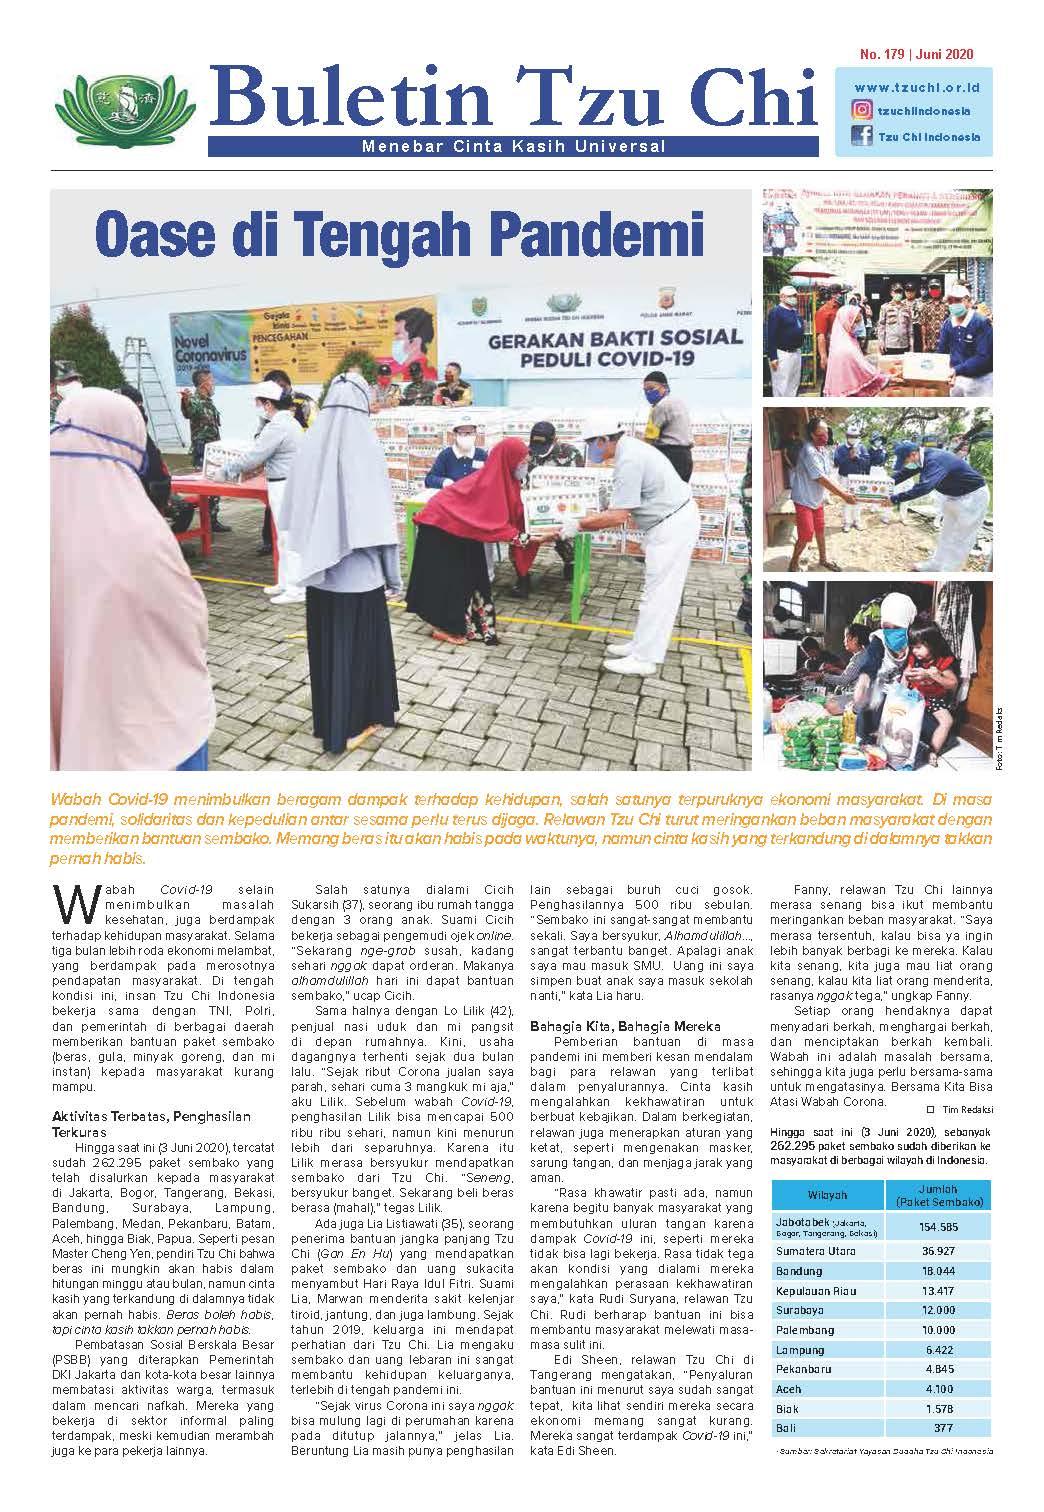 Buletin Tzu Chi Edisi 179 Juni 2020